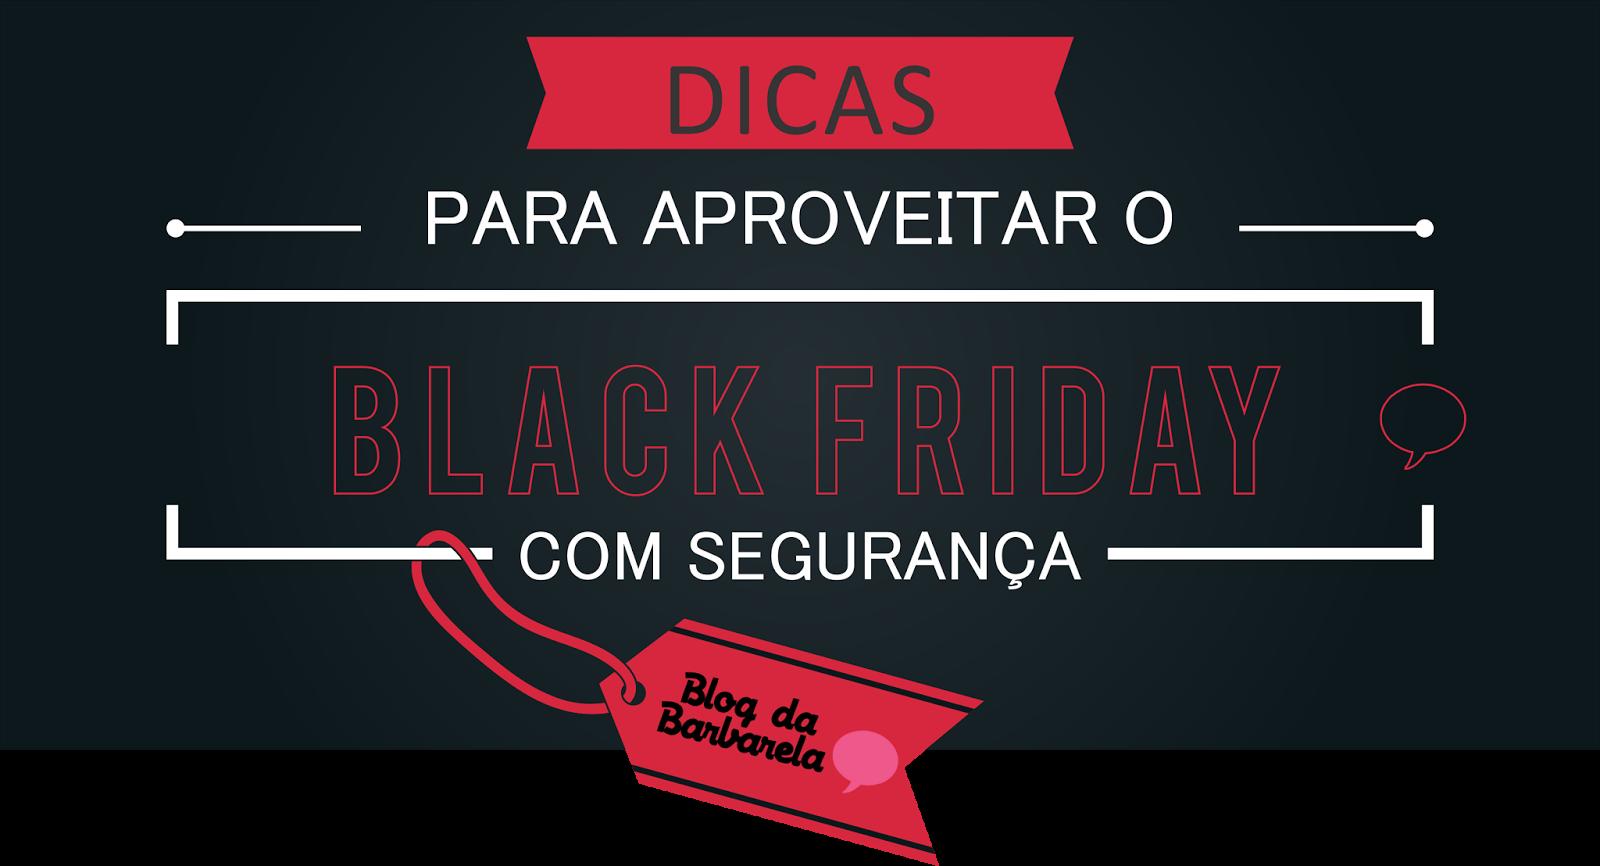 Cuidados ao comprar no Black Friday